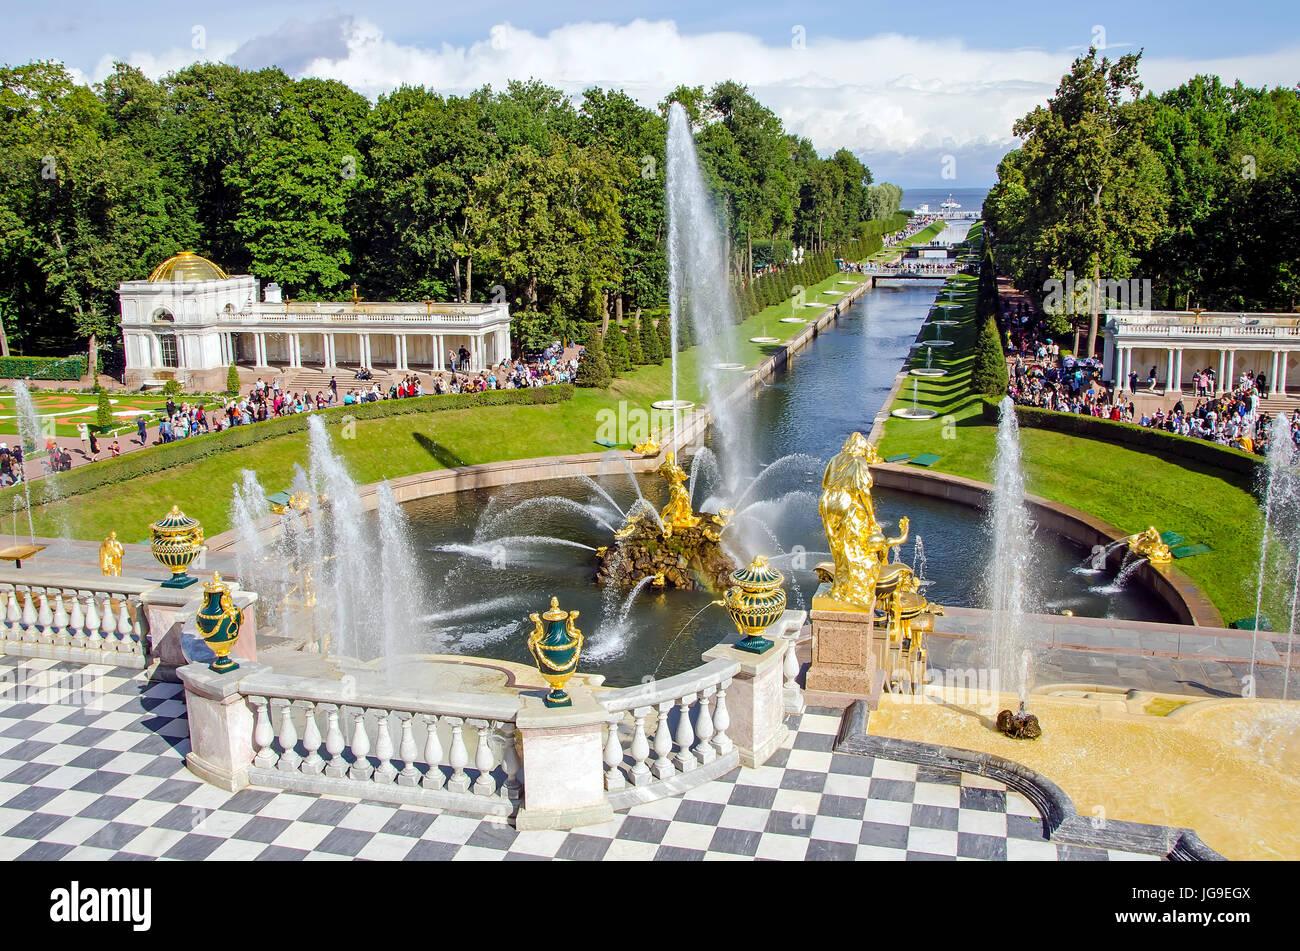 Palacio Peterhof gran cascada con fuentes y jardines en verano, situado cerca de San Petersburgo, Rusia Imagen De Stock